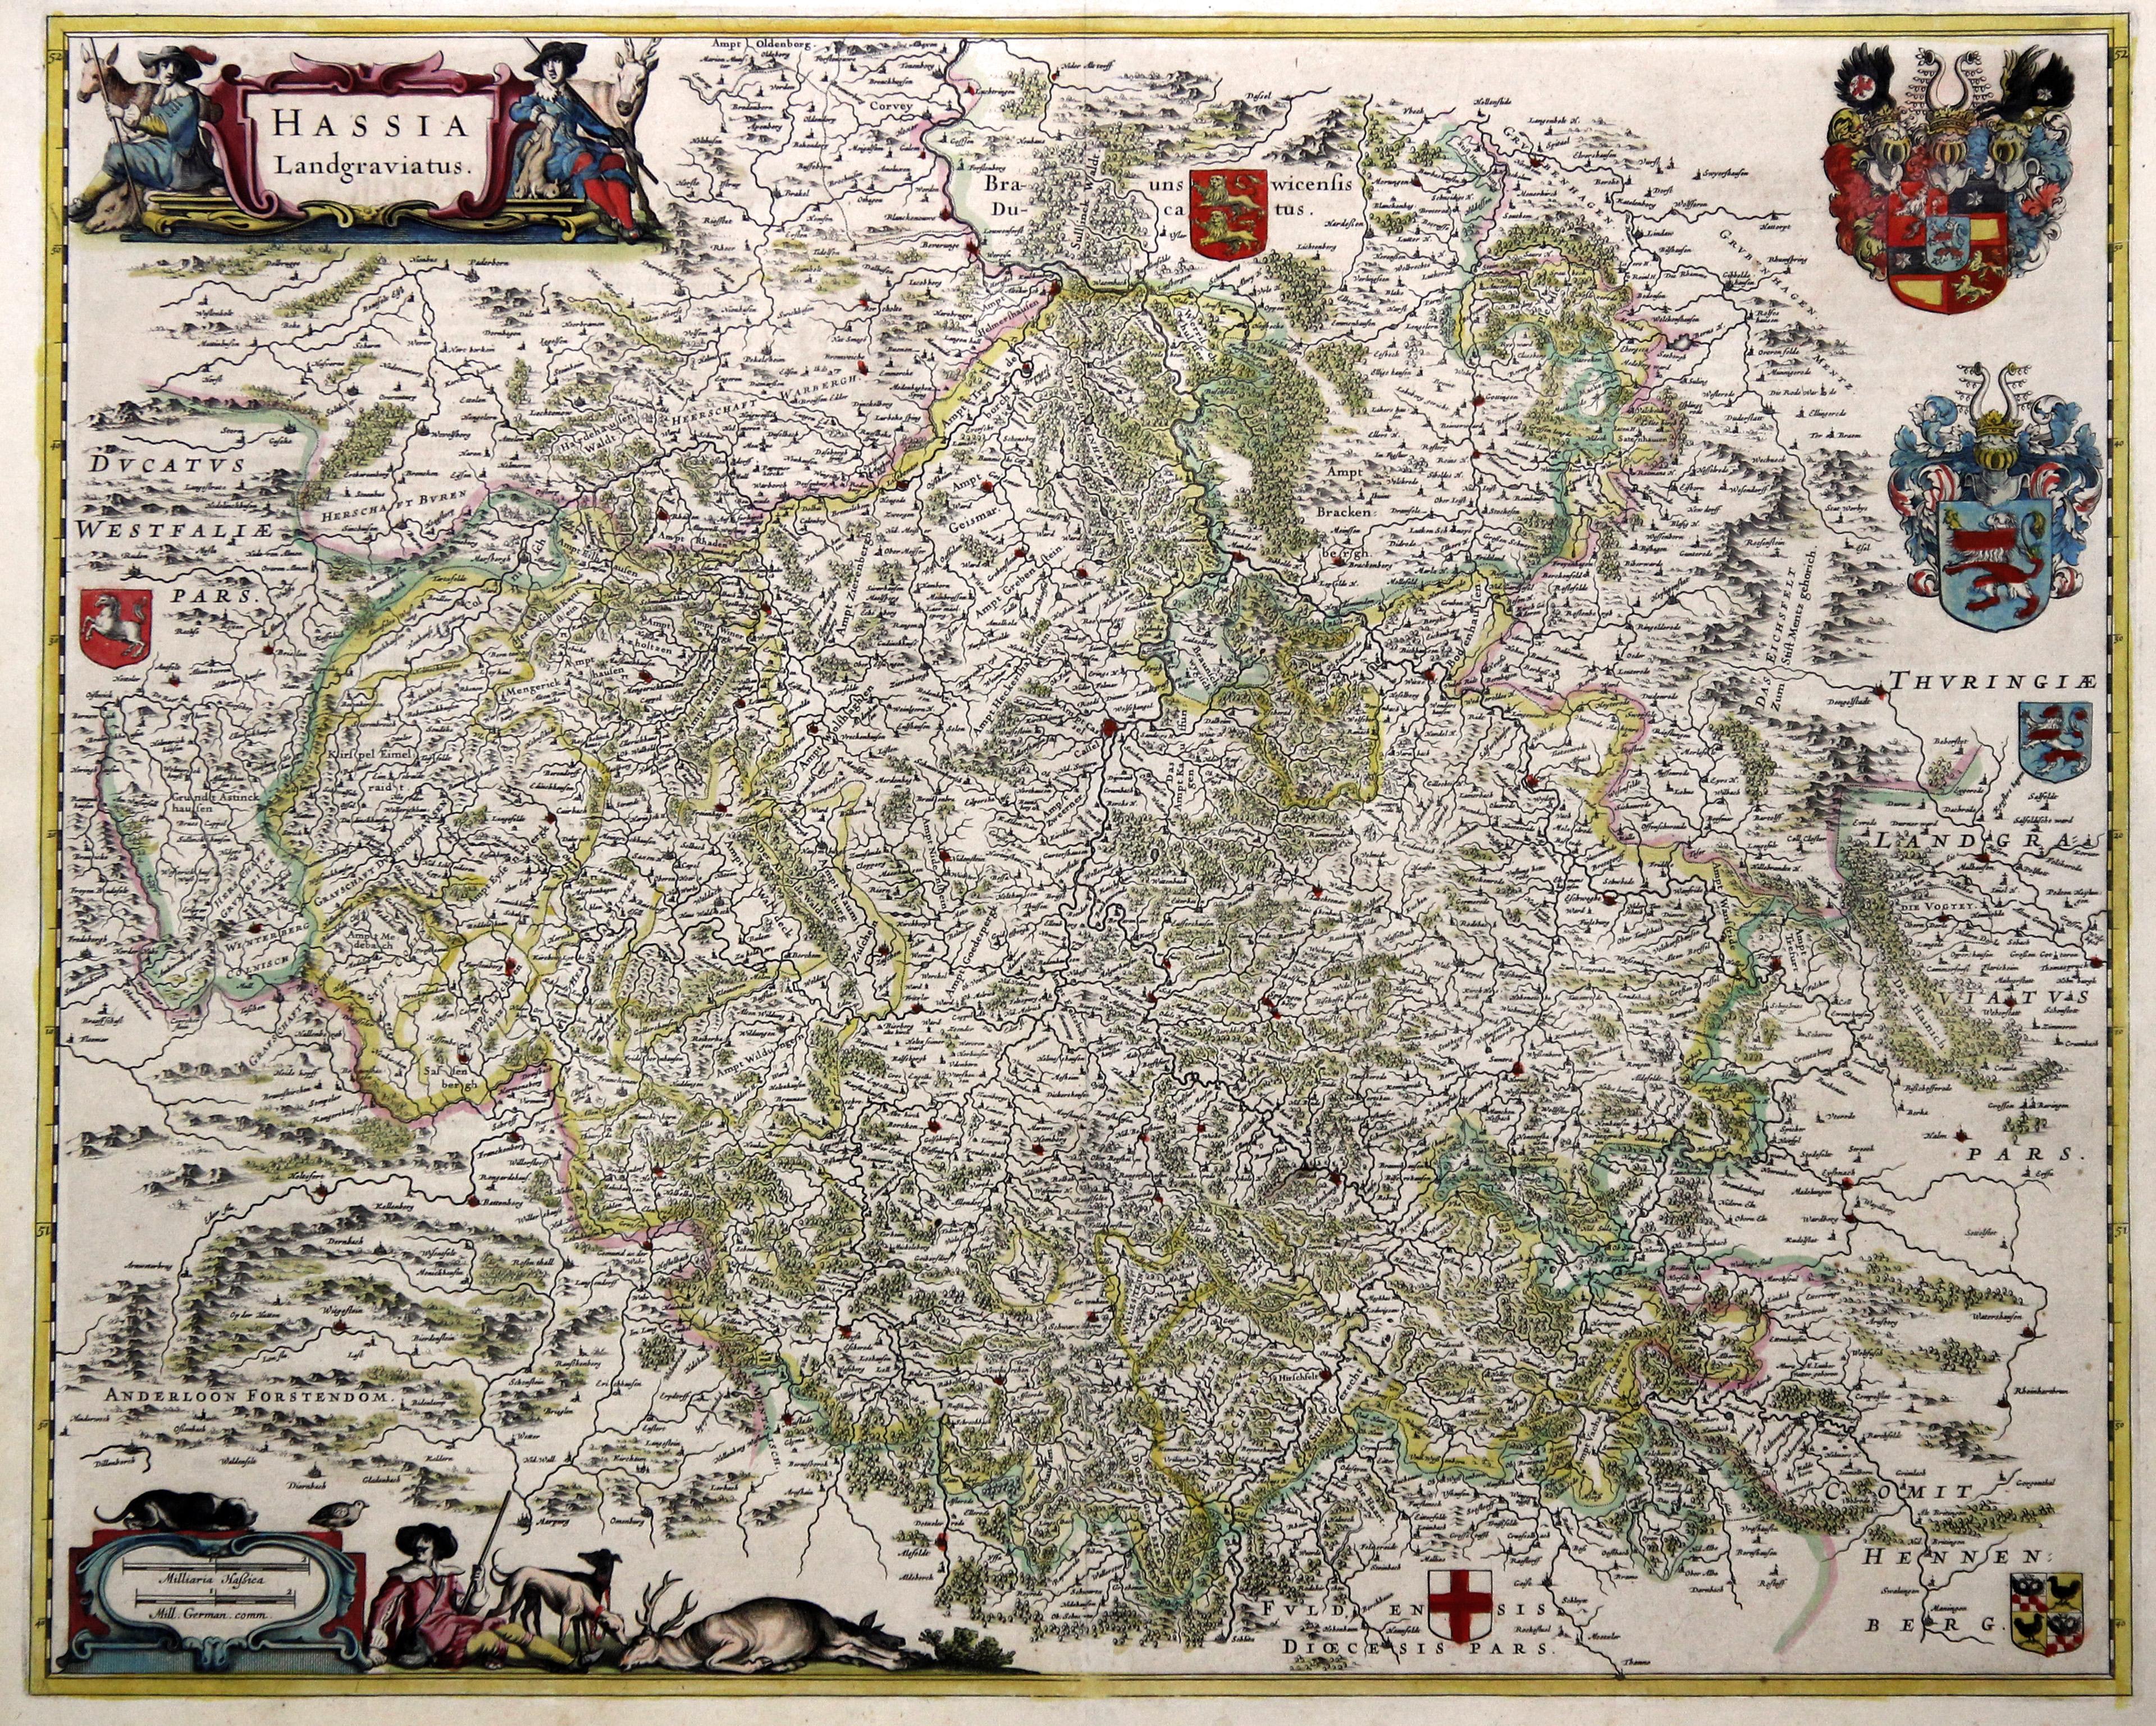 """Kst.- Karte, b. G. Blaeu, """"Hassia Landgraviatus."""".: Nordhessen:"""